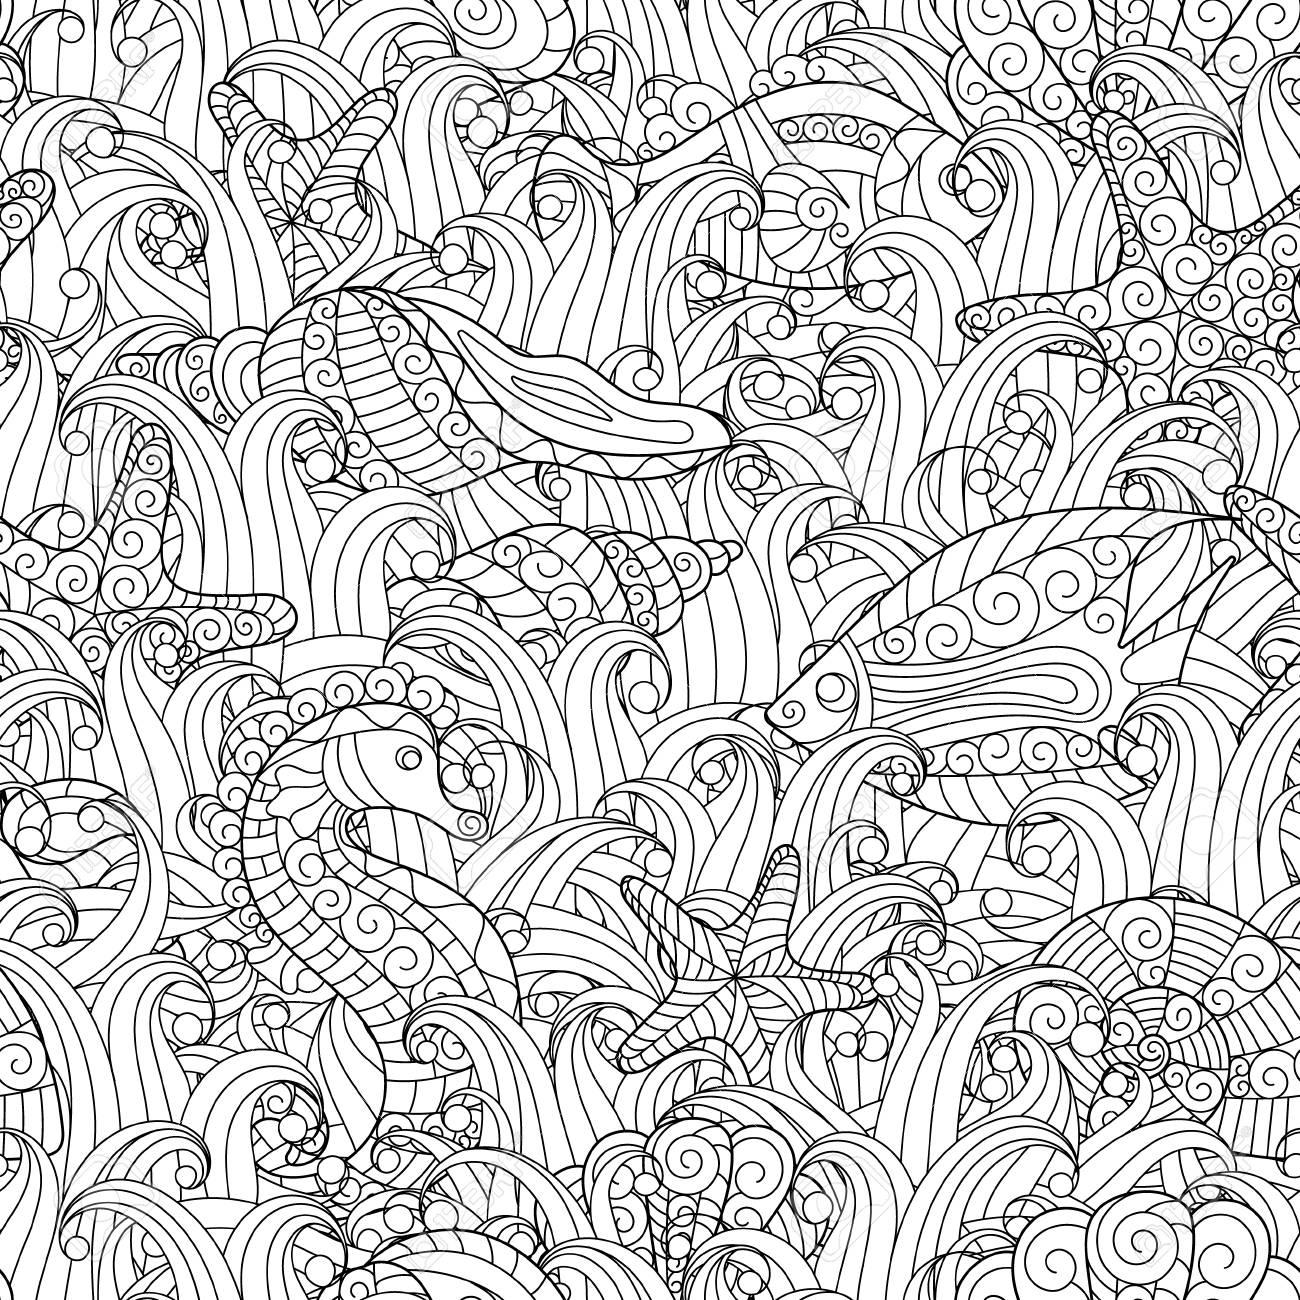 seamless noir et blanc pour le livre de coloriage coquillages etoiles de mer cheval de mer poissons entre les algues main doodle dessin fond